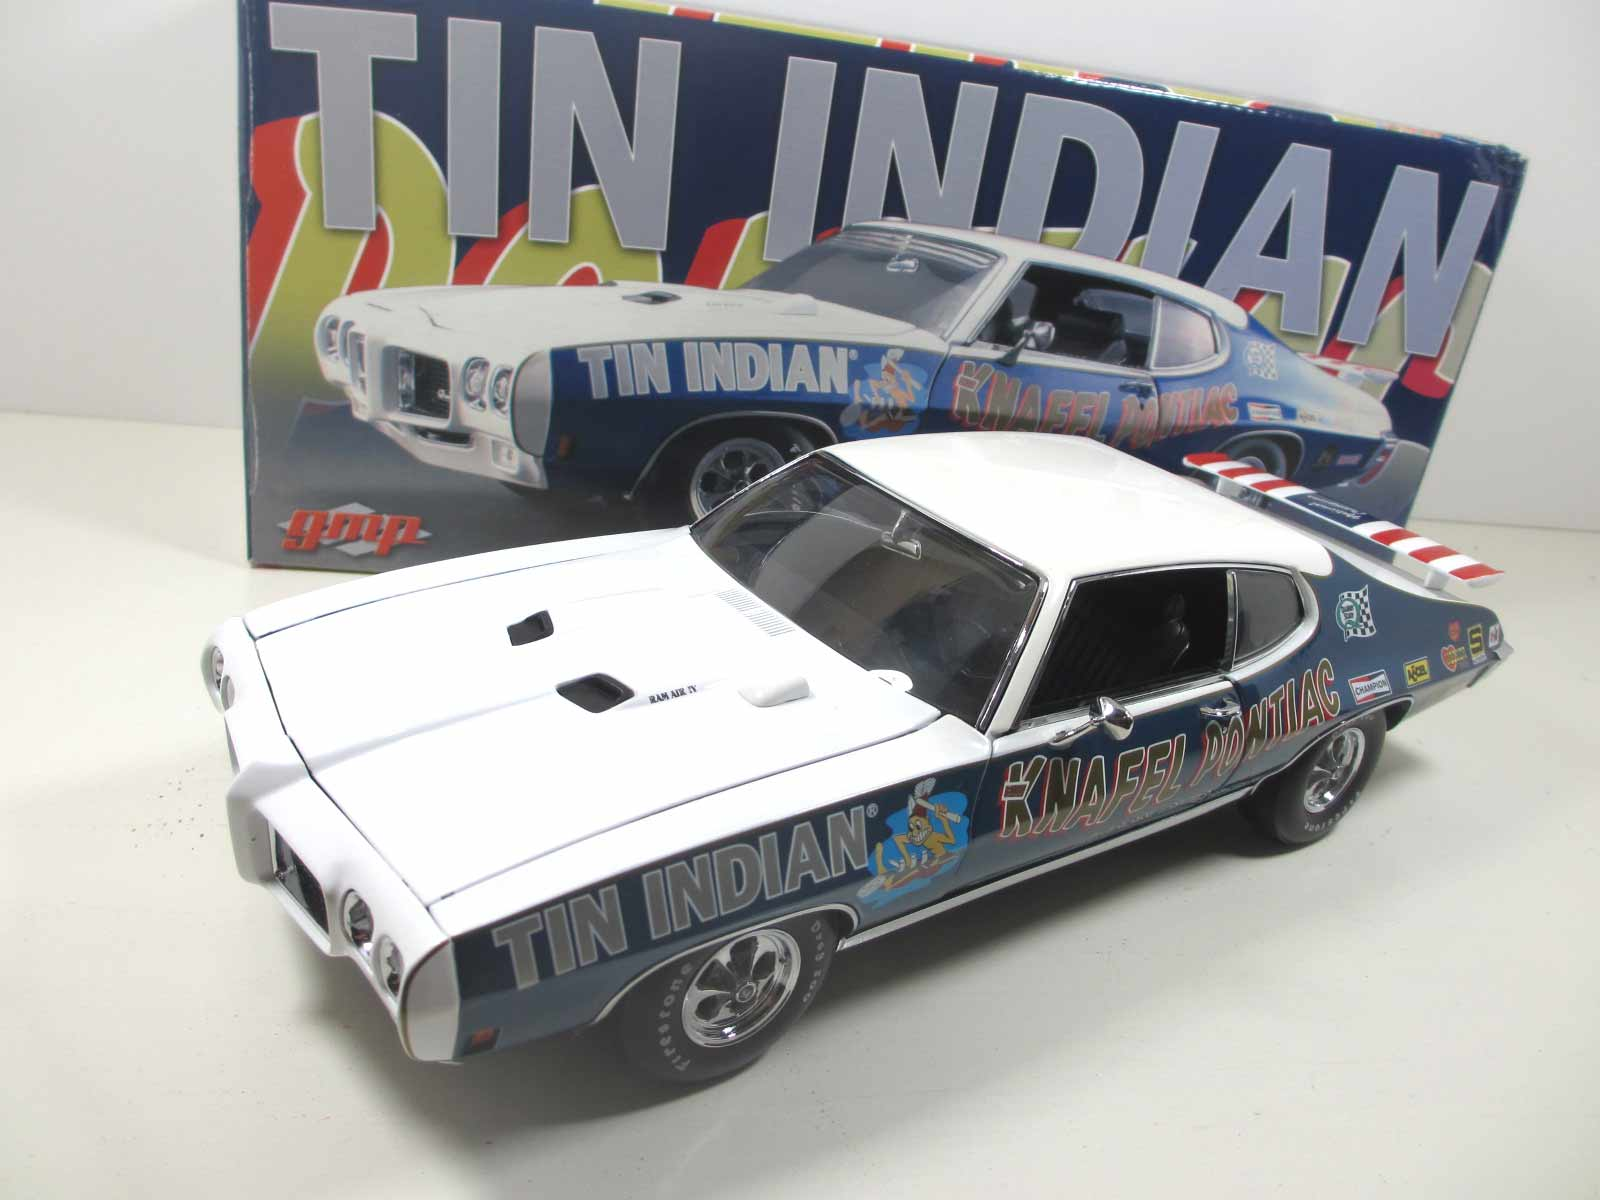 1/18  GMP  1970 Knafel Pontiac Tin Indian Drag car 18-170